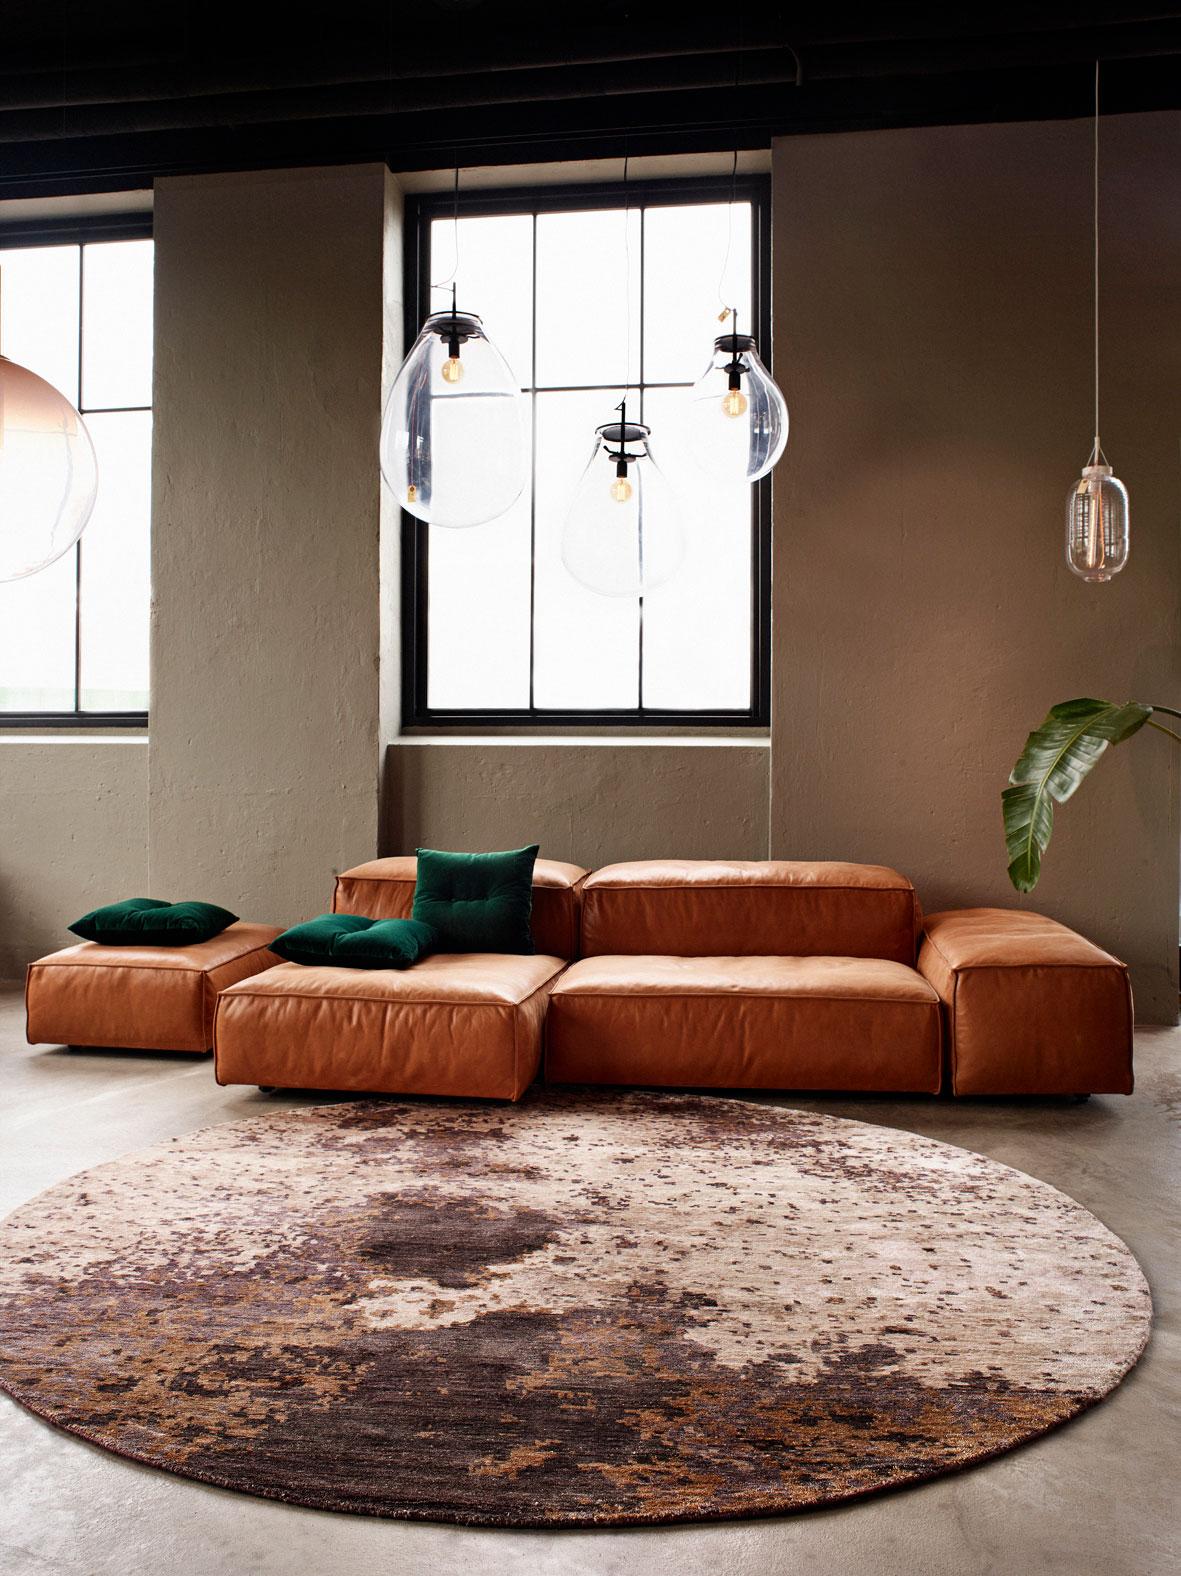 Tapis Salon Style Industriel. Tapis Rond : Pas Cher Et Design   Blog Déco    Clem Around The Corner